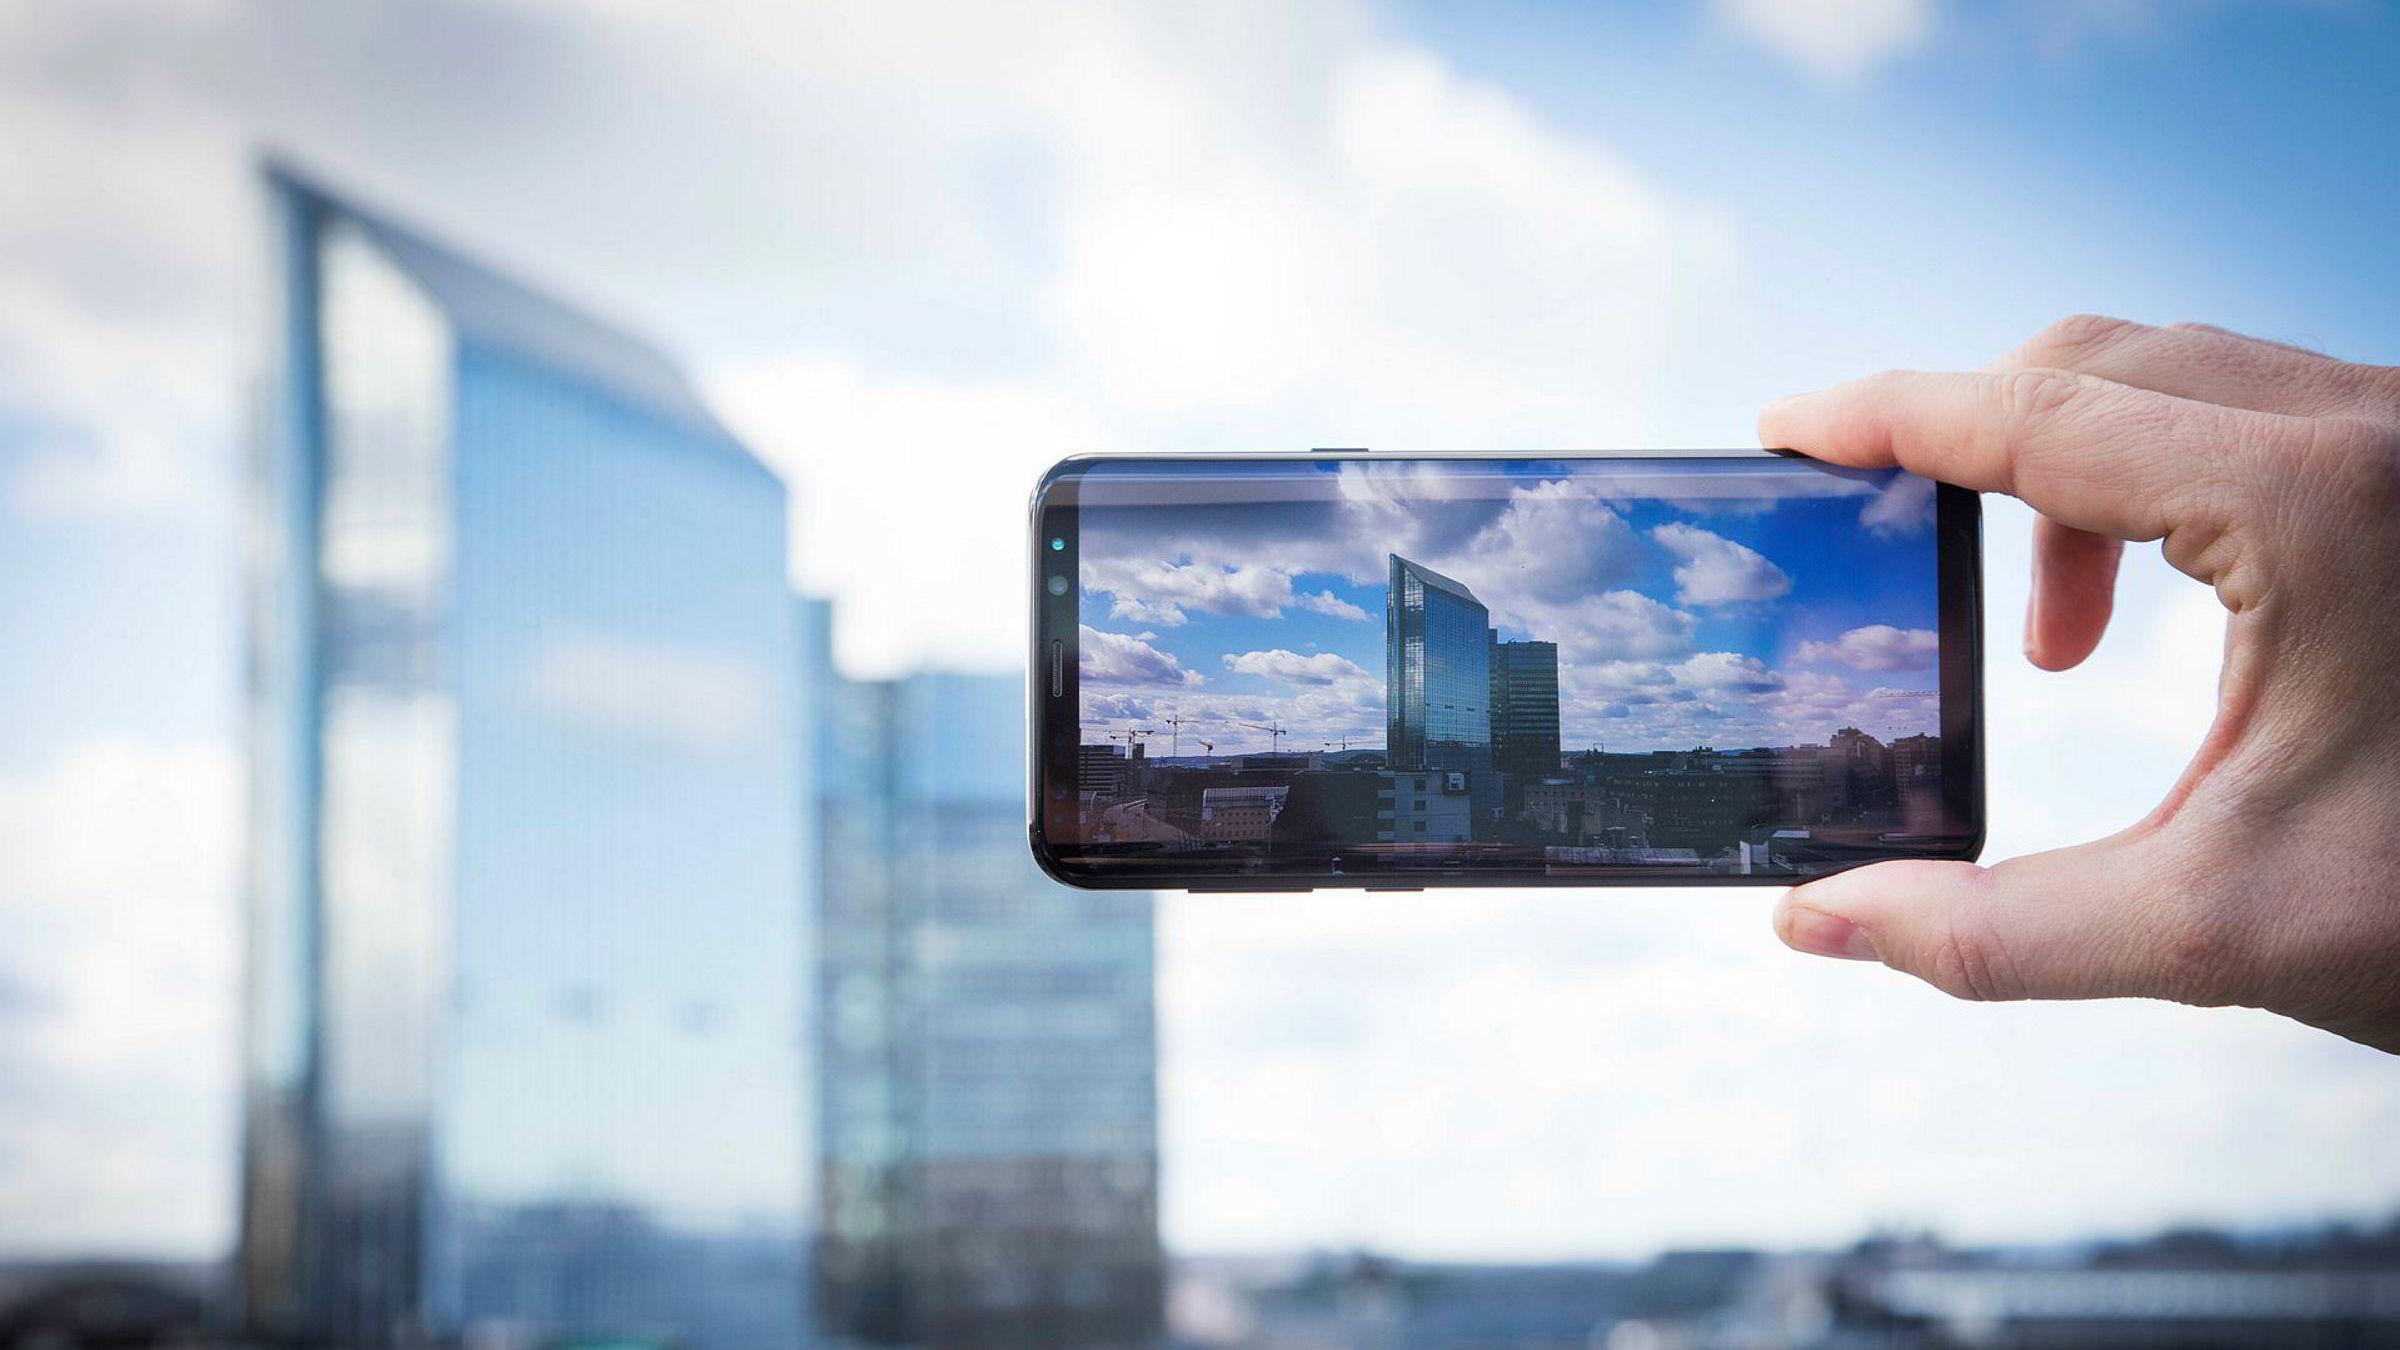 Den store skjermen på Galaxy S8+ er helt klart et viktig fortrinn og er steg i riktig retning for designen av smarttelefoner.